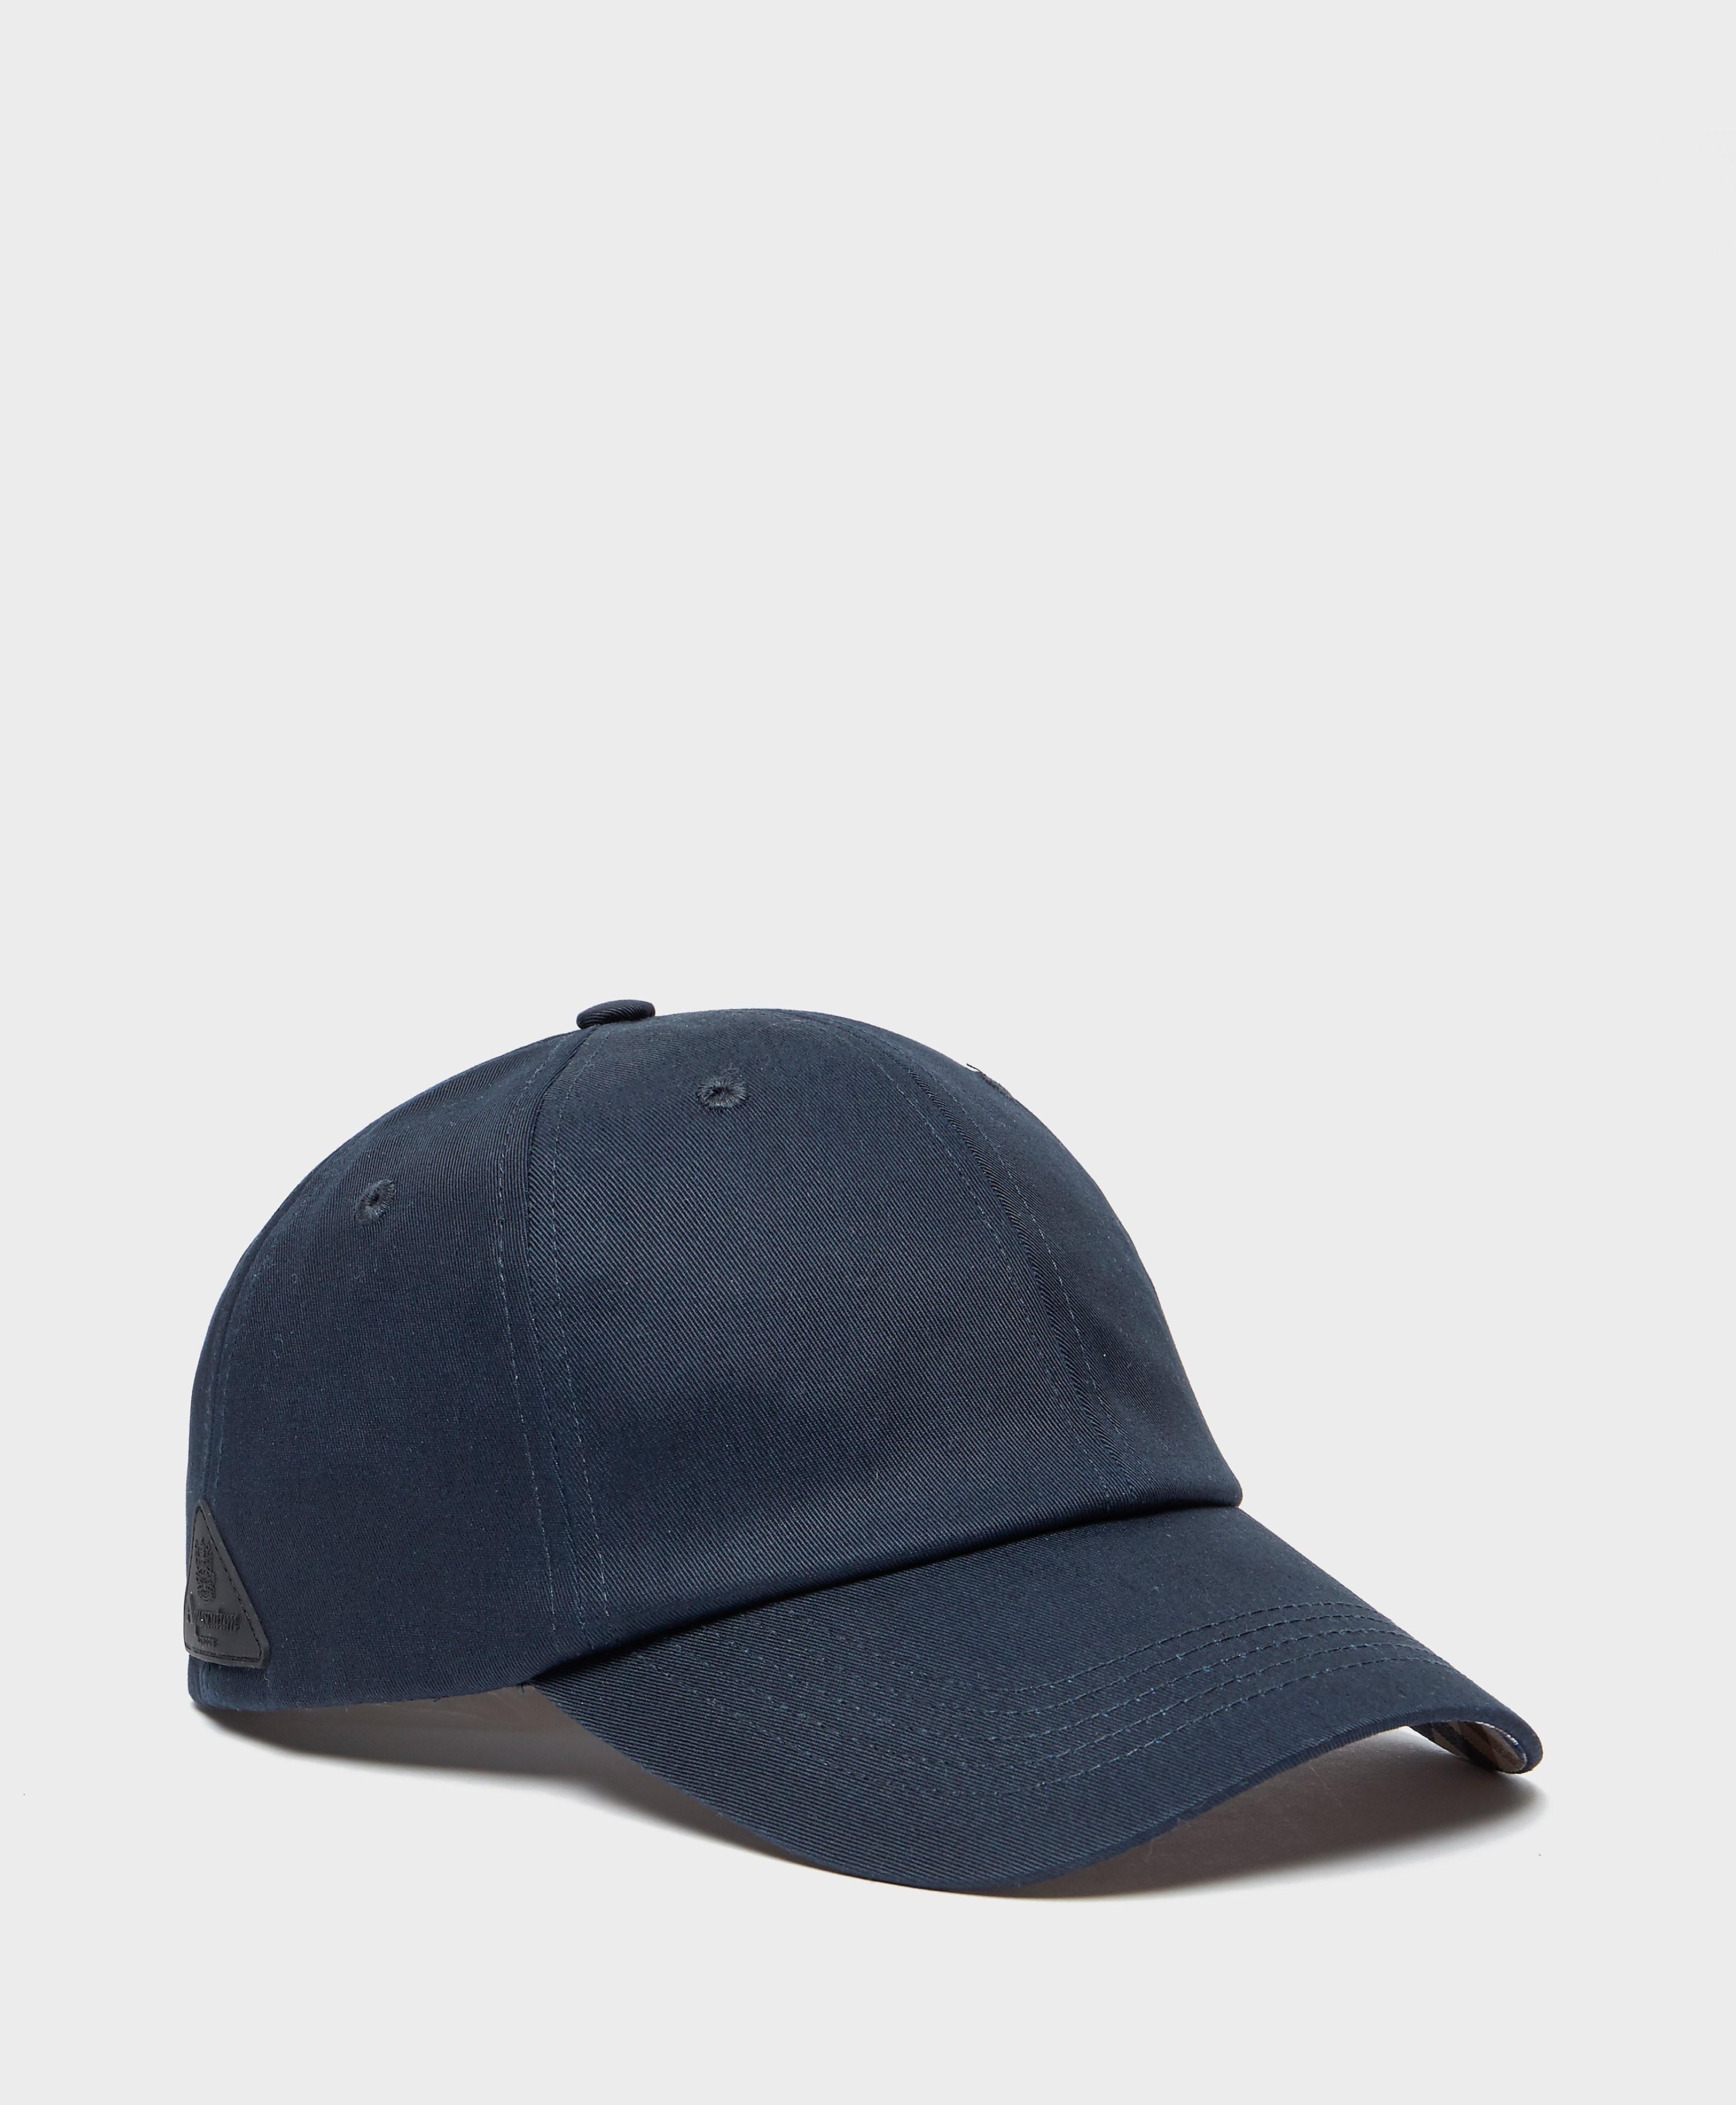 Aquascutum Sports Cap